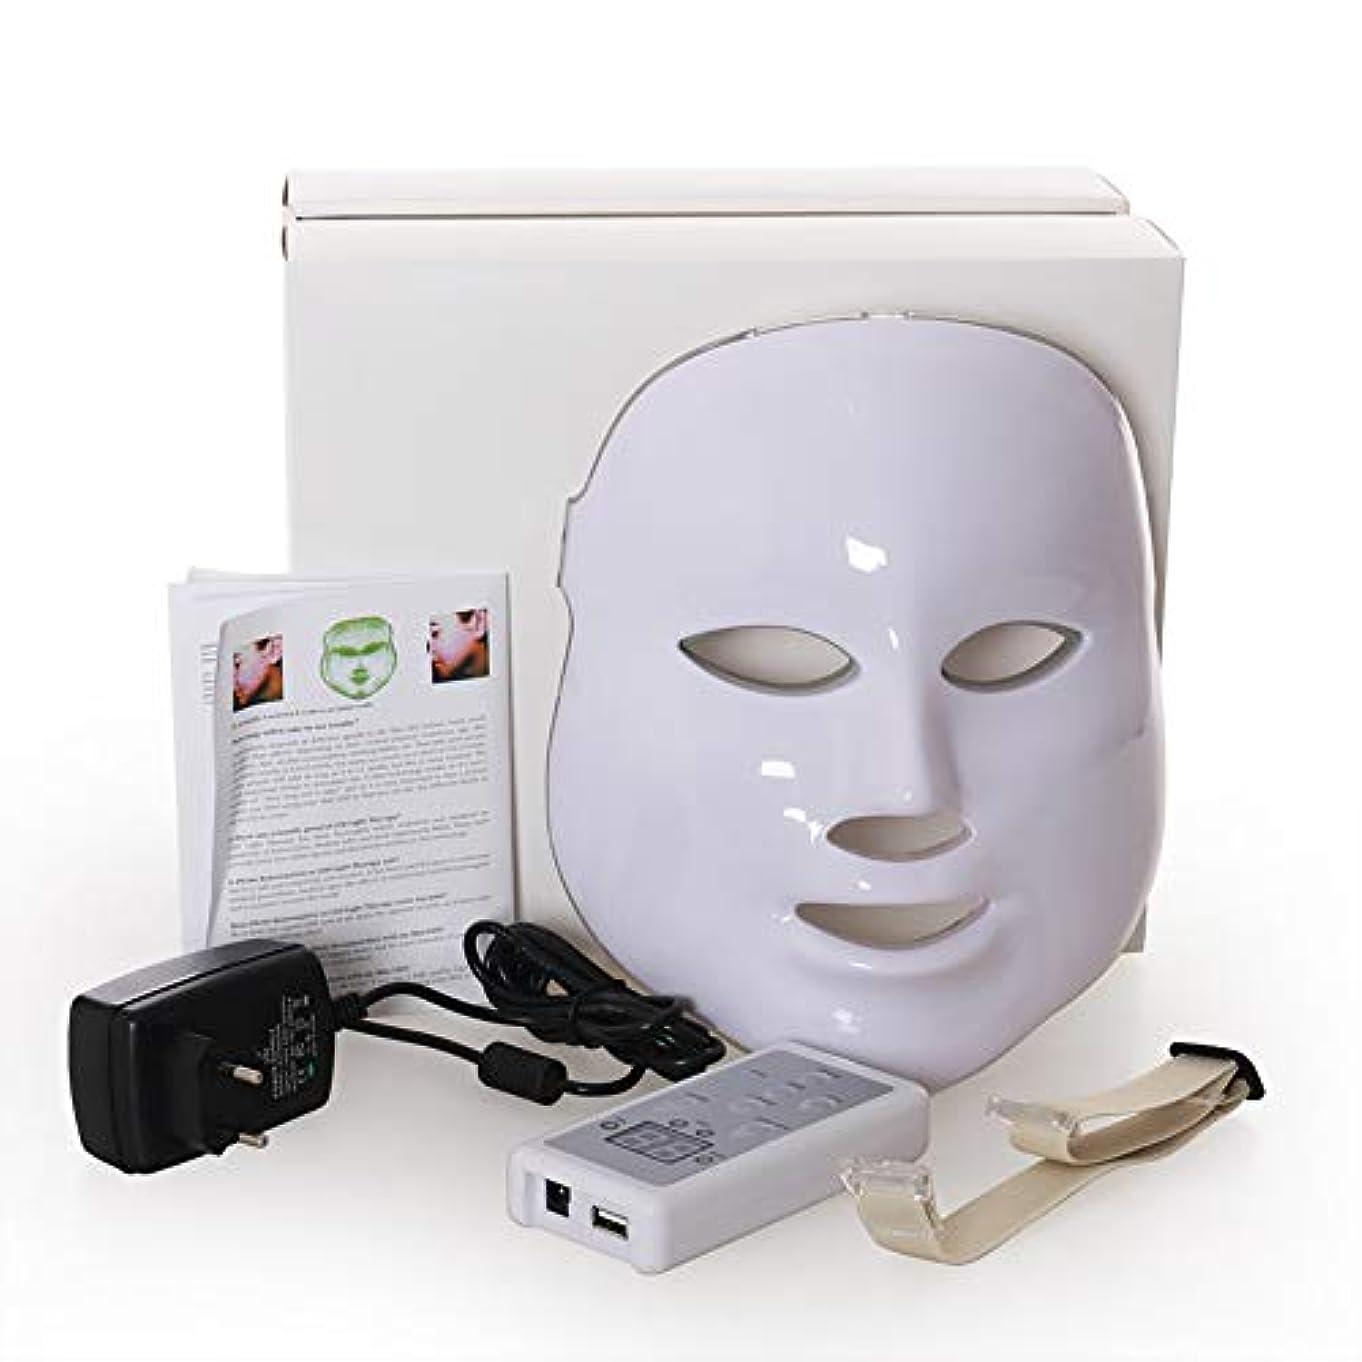 未亡人動くディスクLed のマスク、7色はしわ、にきび及び健康な皮の若返りのコラーゲン、反老化の美のマスクのための軽い療法の顔のスキンケアのマスクを導きました